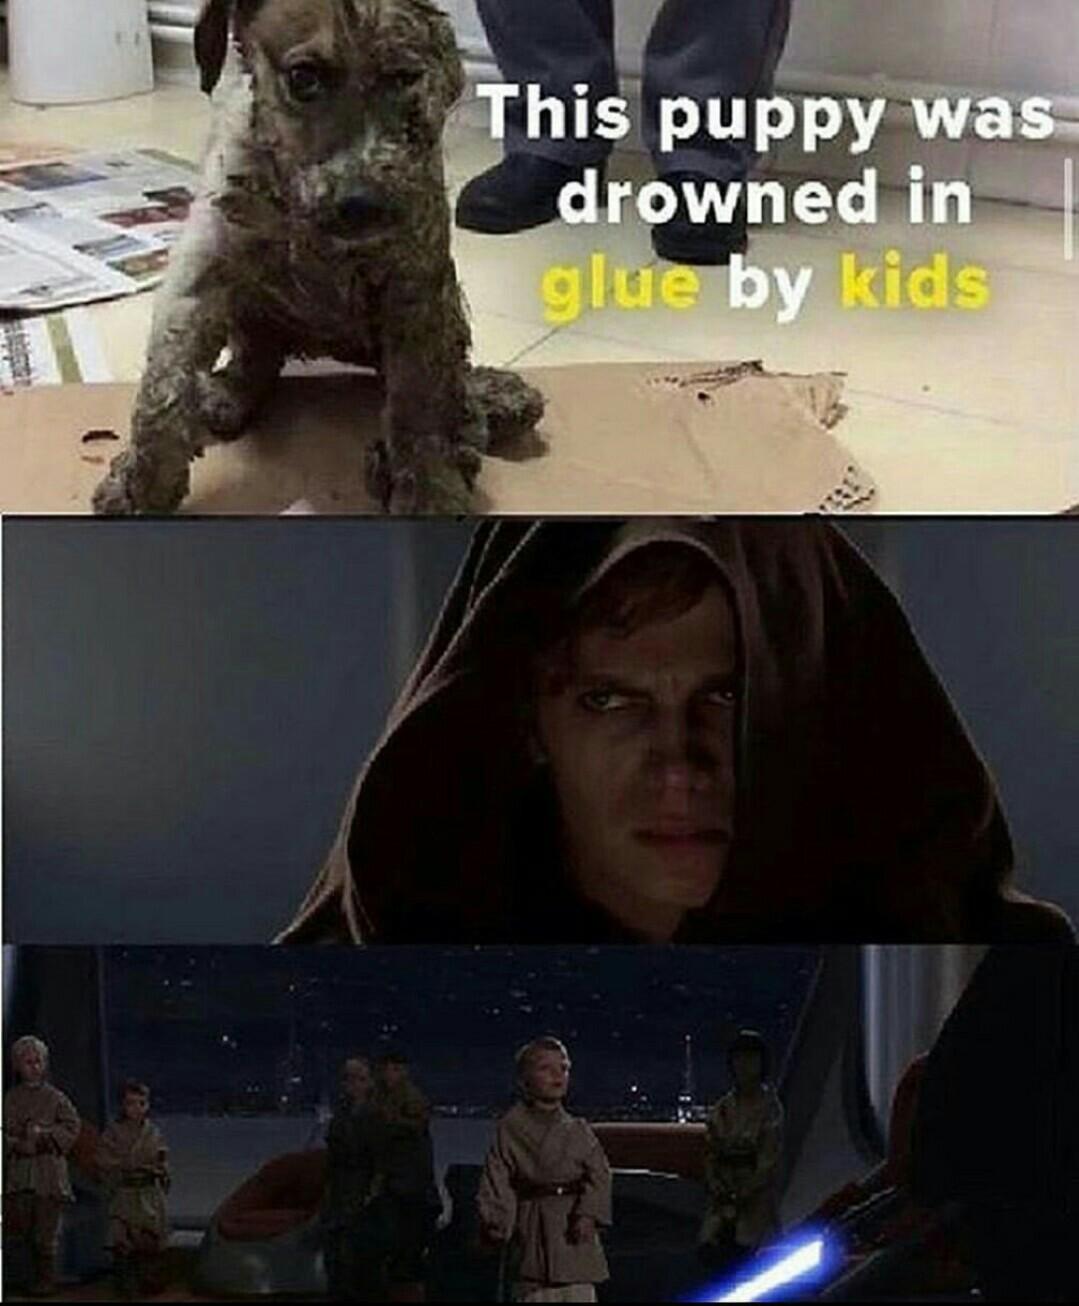 Toda criança é um potencial anti-cristo - meme